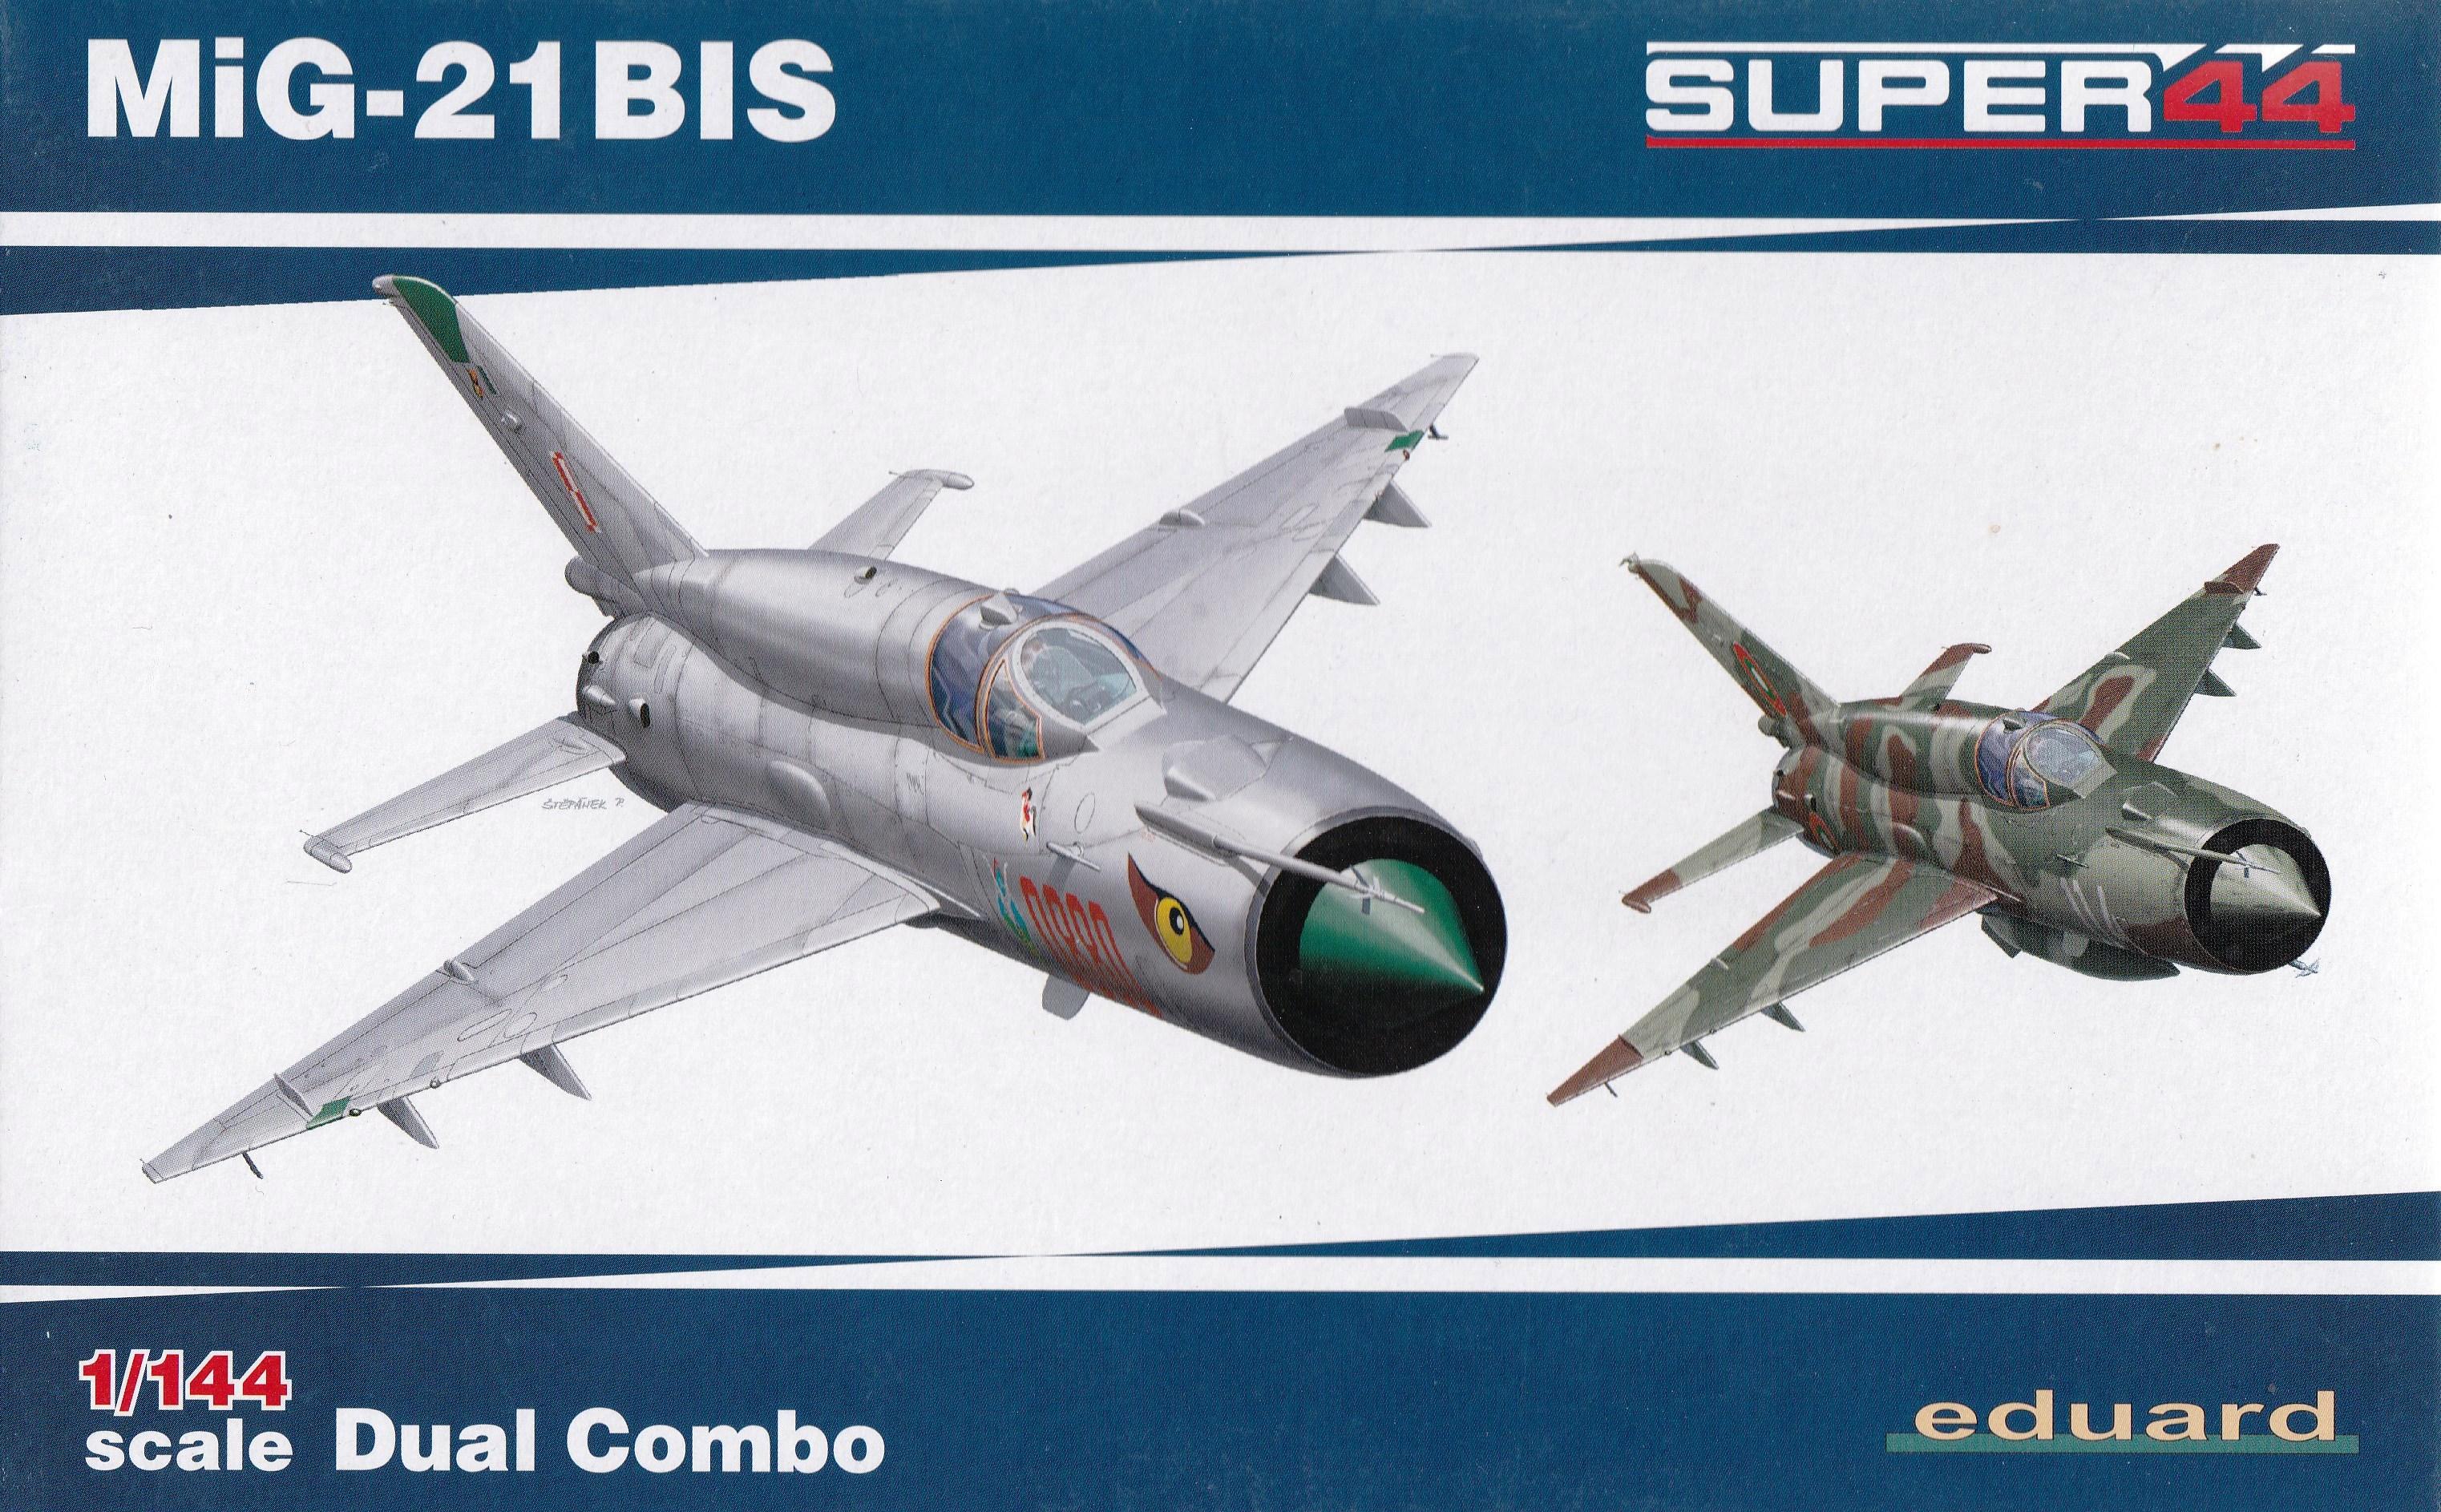 Eduard-4427-MiG-21bis-1zu144-24 Eine MiG-21bis im SmallScale 1:144 von Eduard